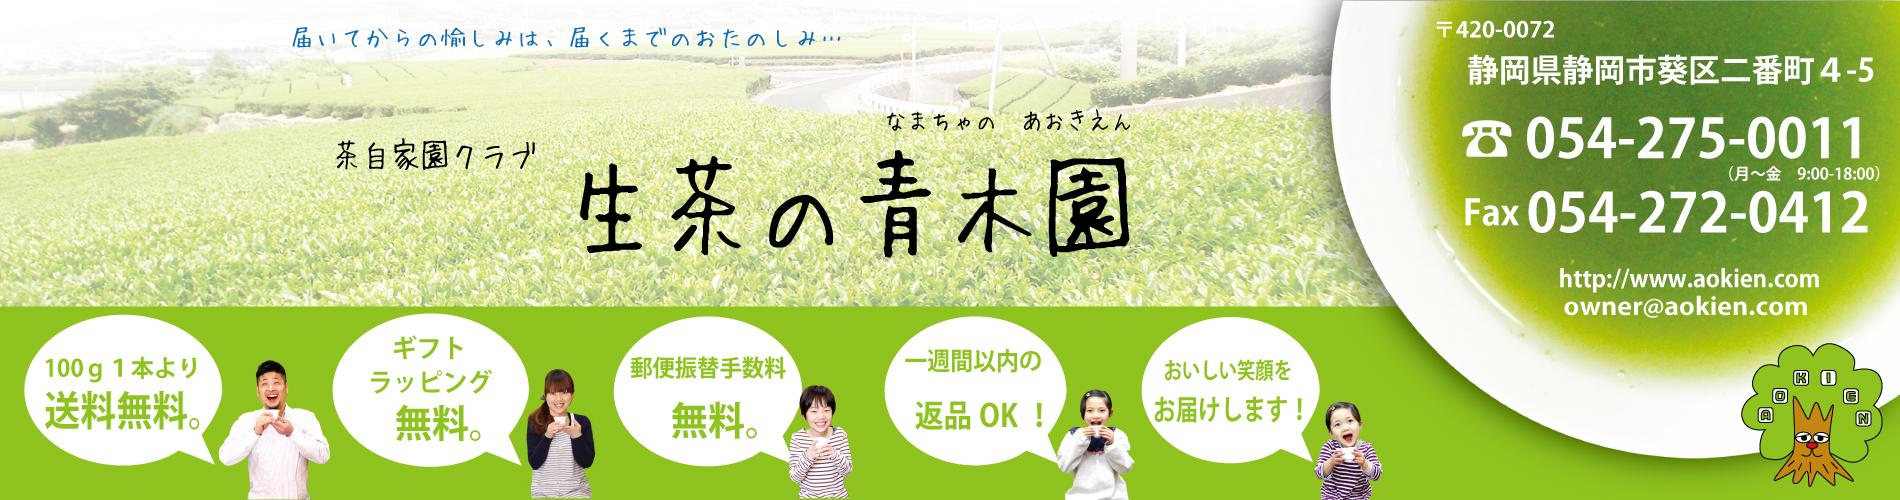 生茶・静岡茶の青木園。通販、送料無料で新茶を全国にお届け